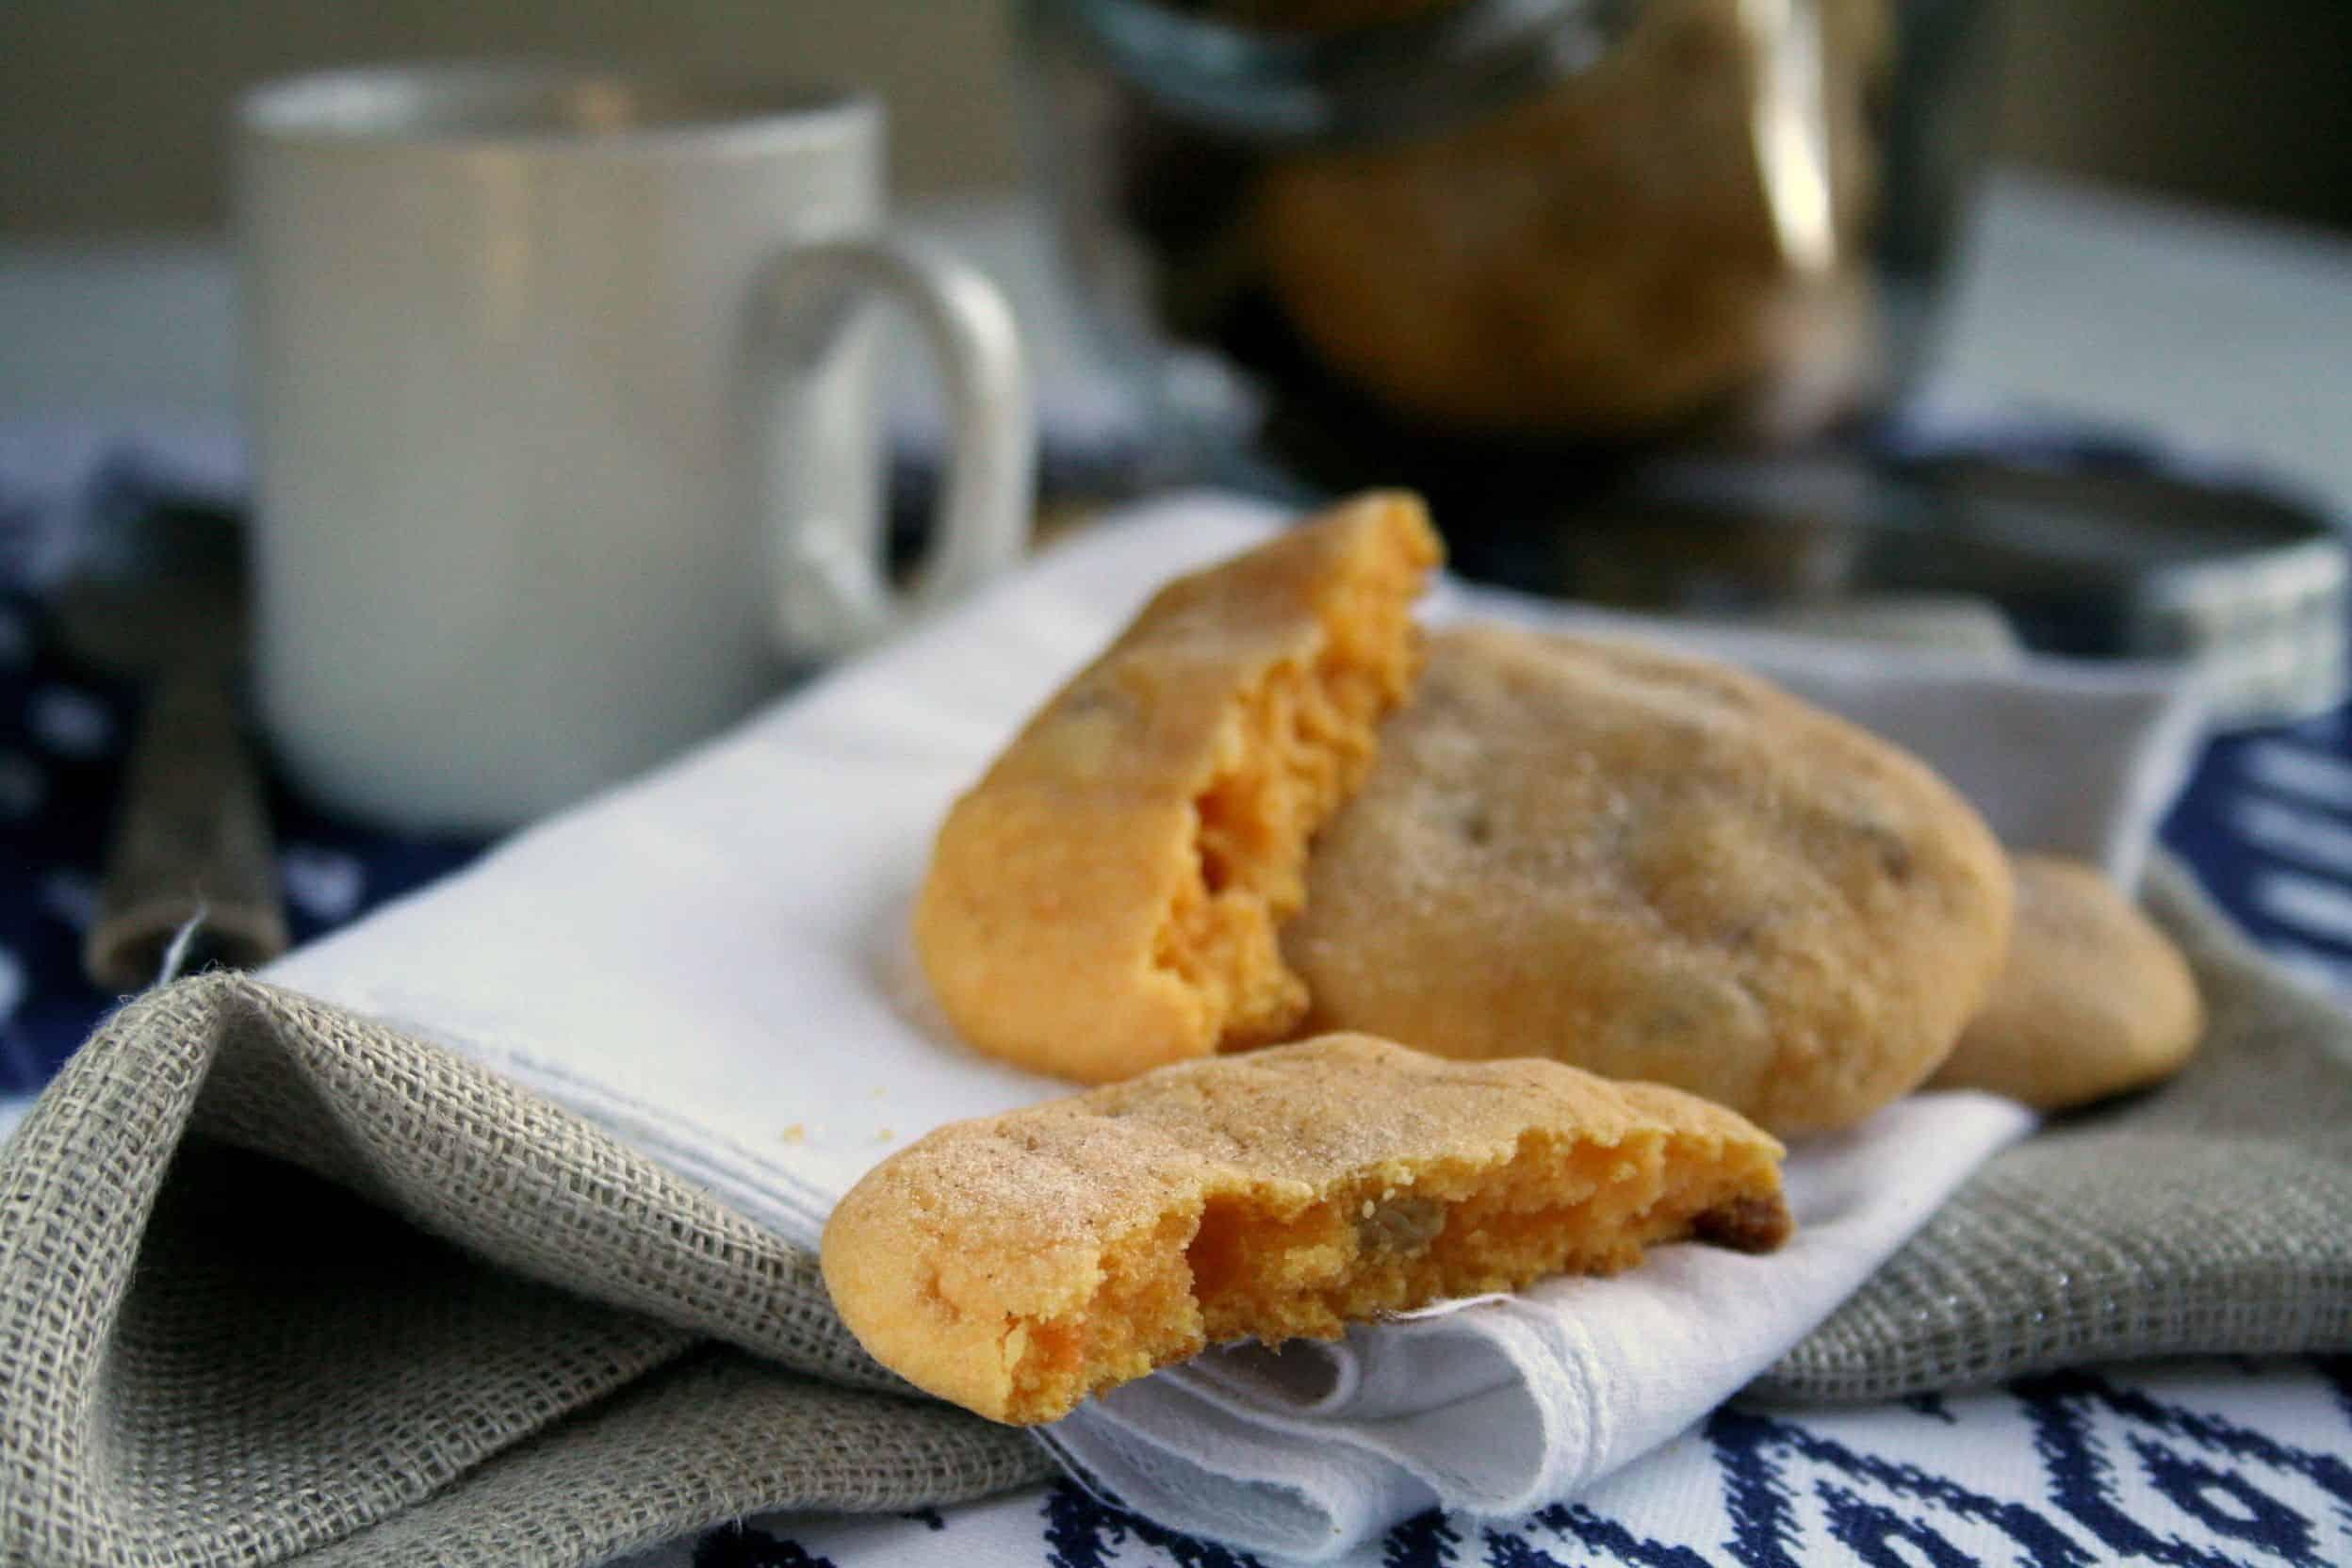 Malawian Cuisine